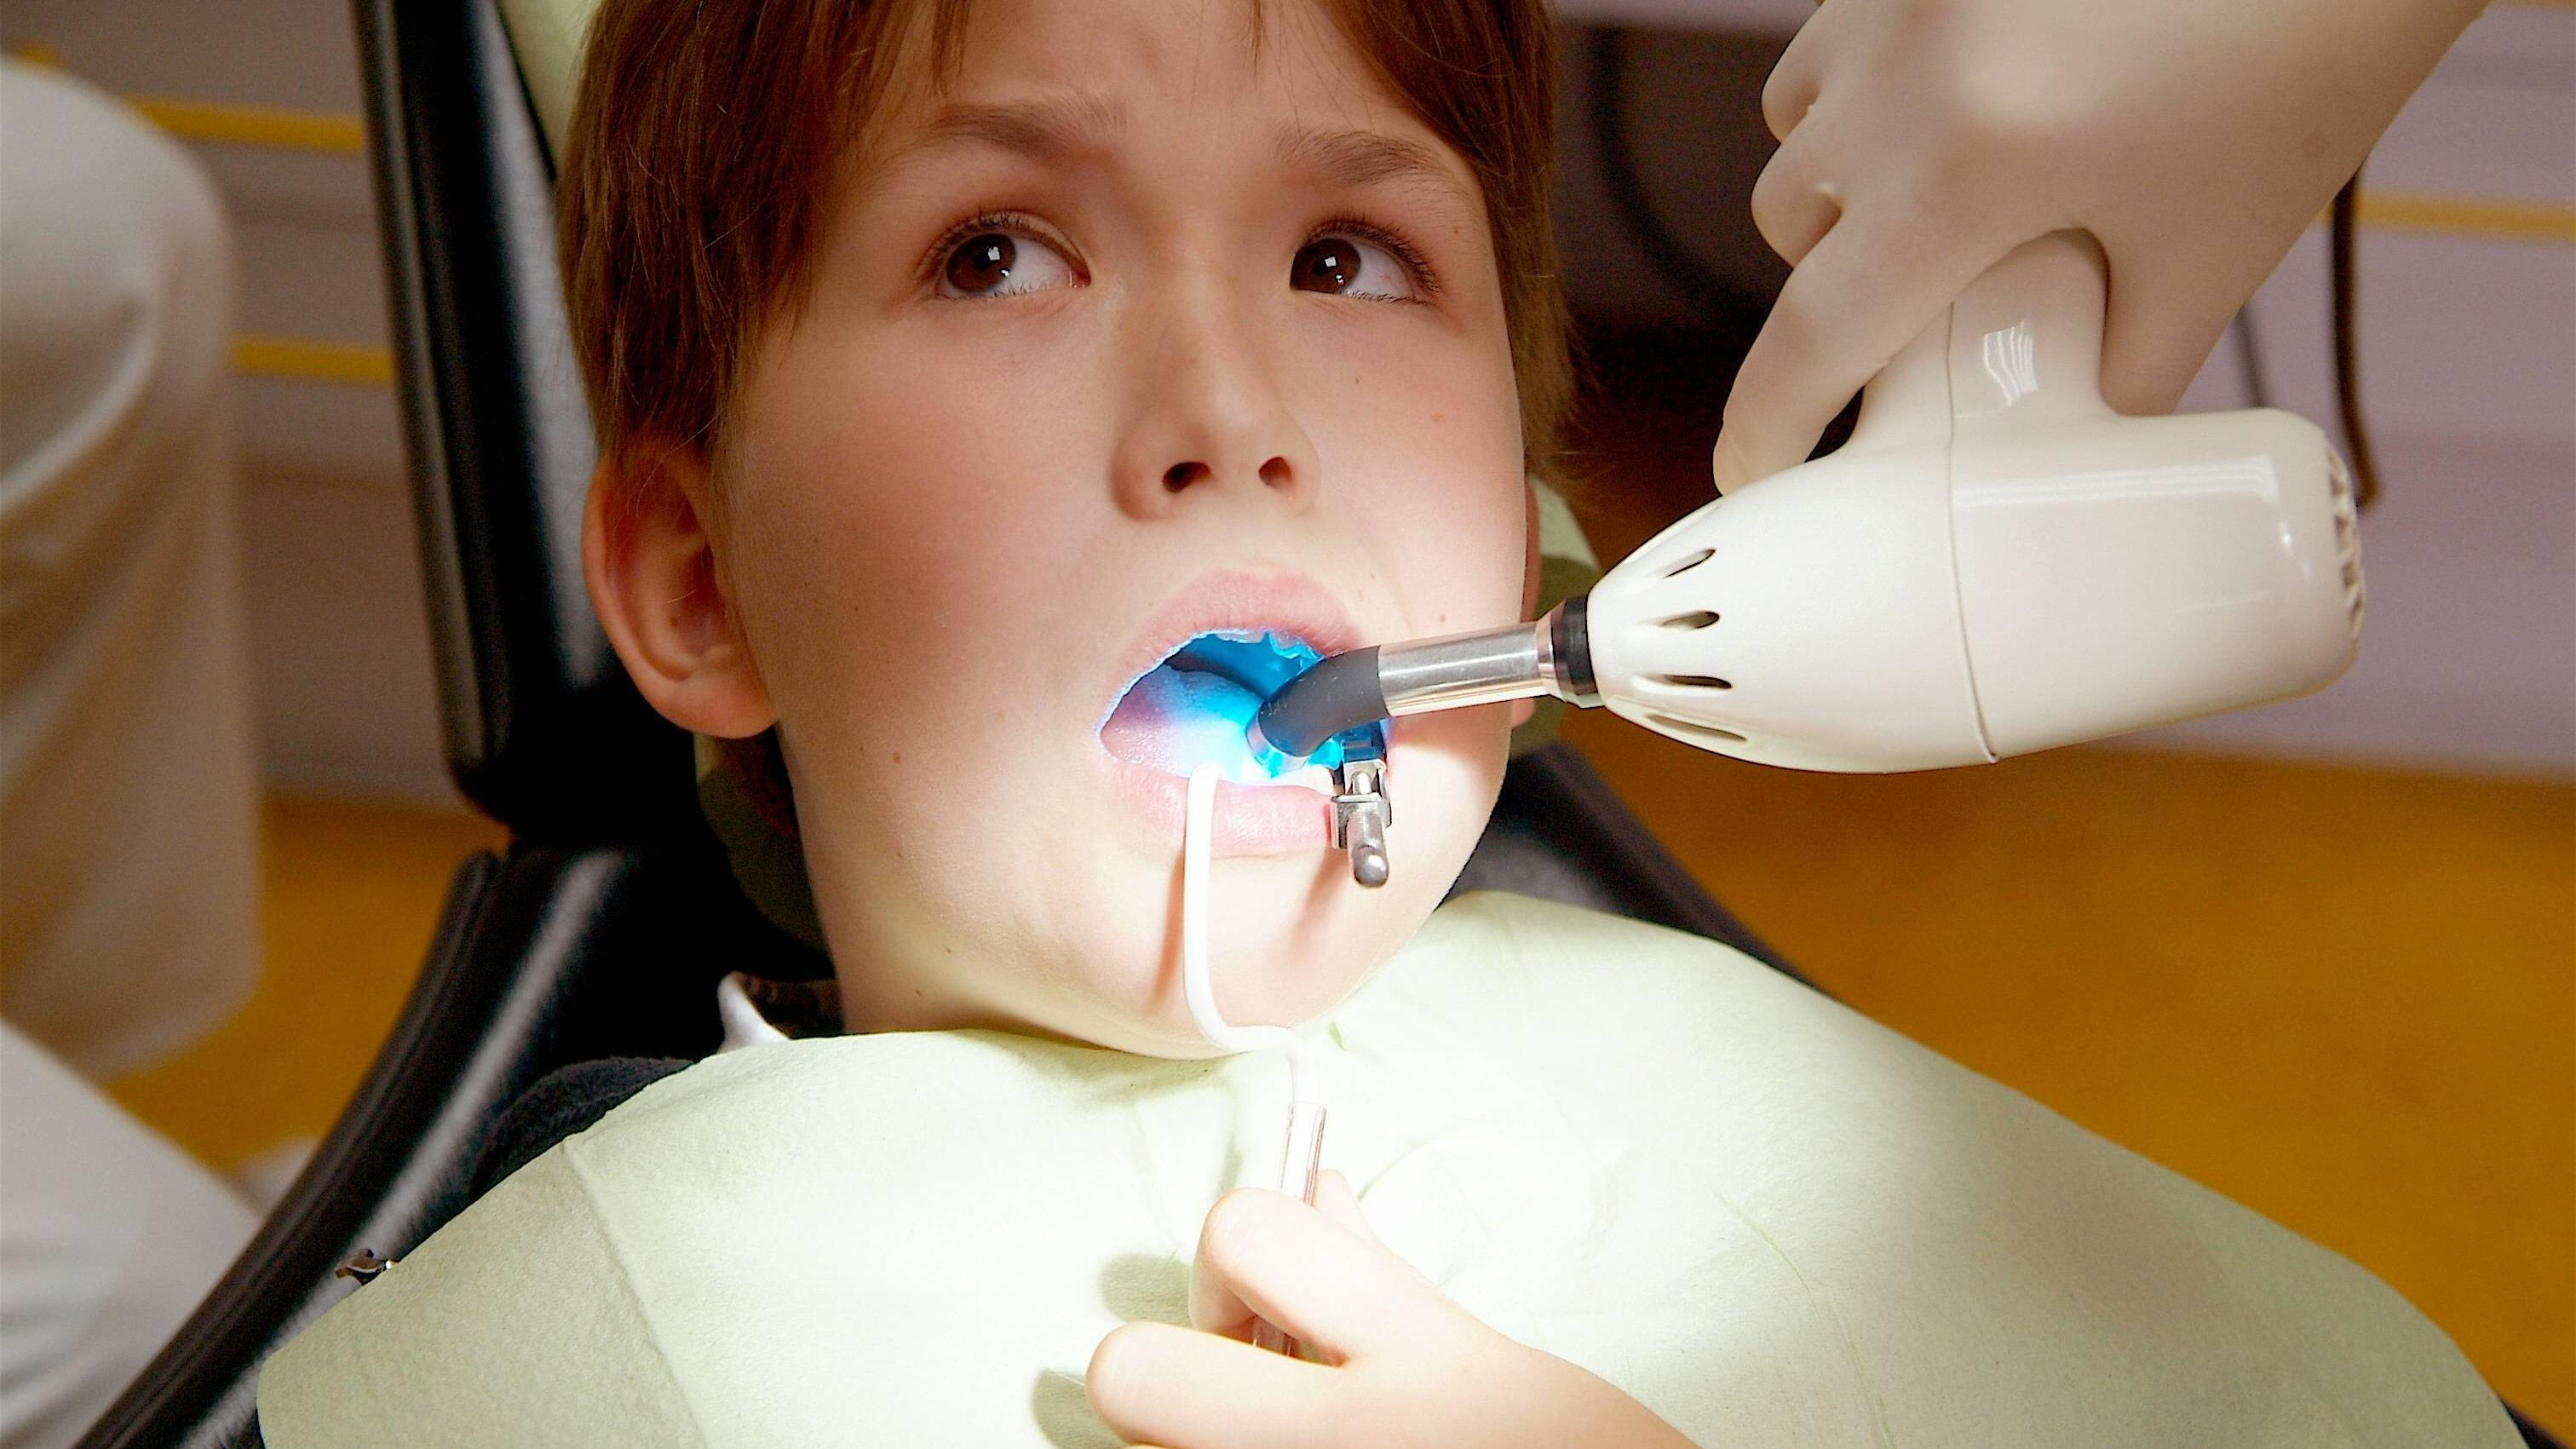 Knirscht Ihr Kind wegen einer Zahn- oder Kieferfehlstellung mit den Zähnen, ist ein Zahnarztbesuch unausweichlich.